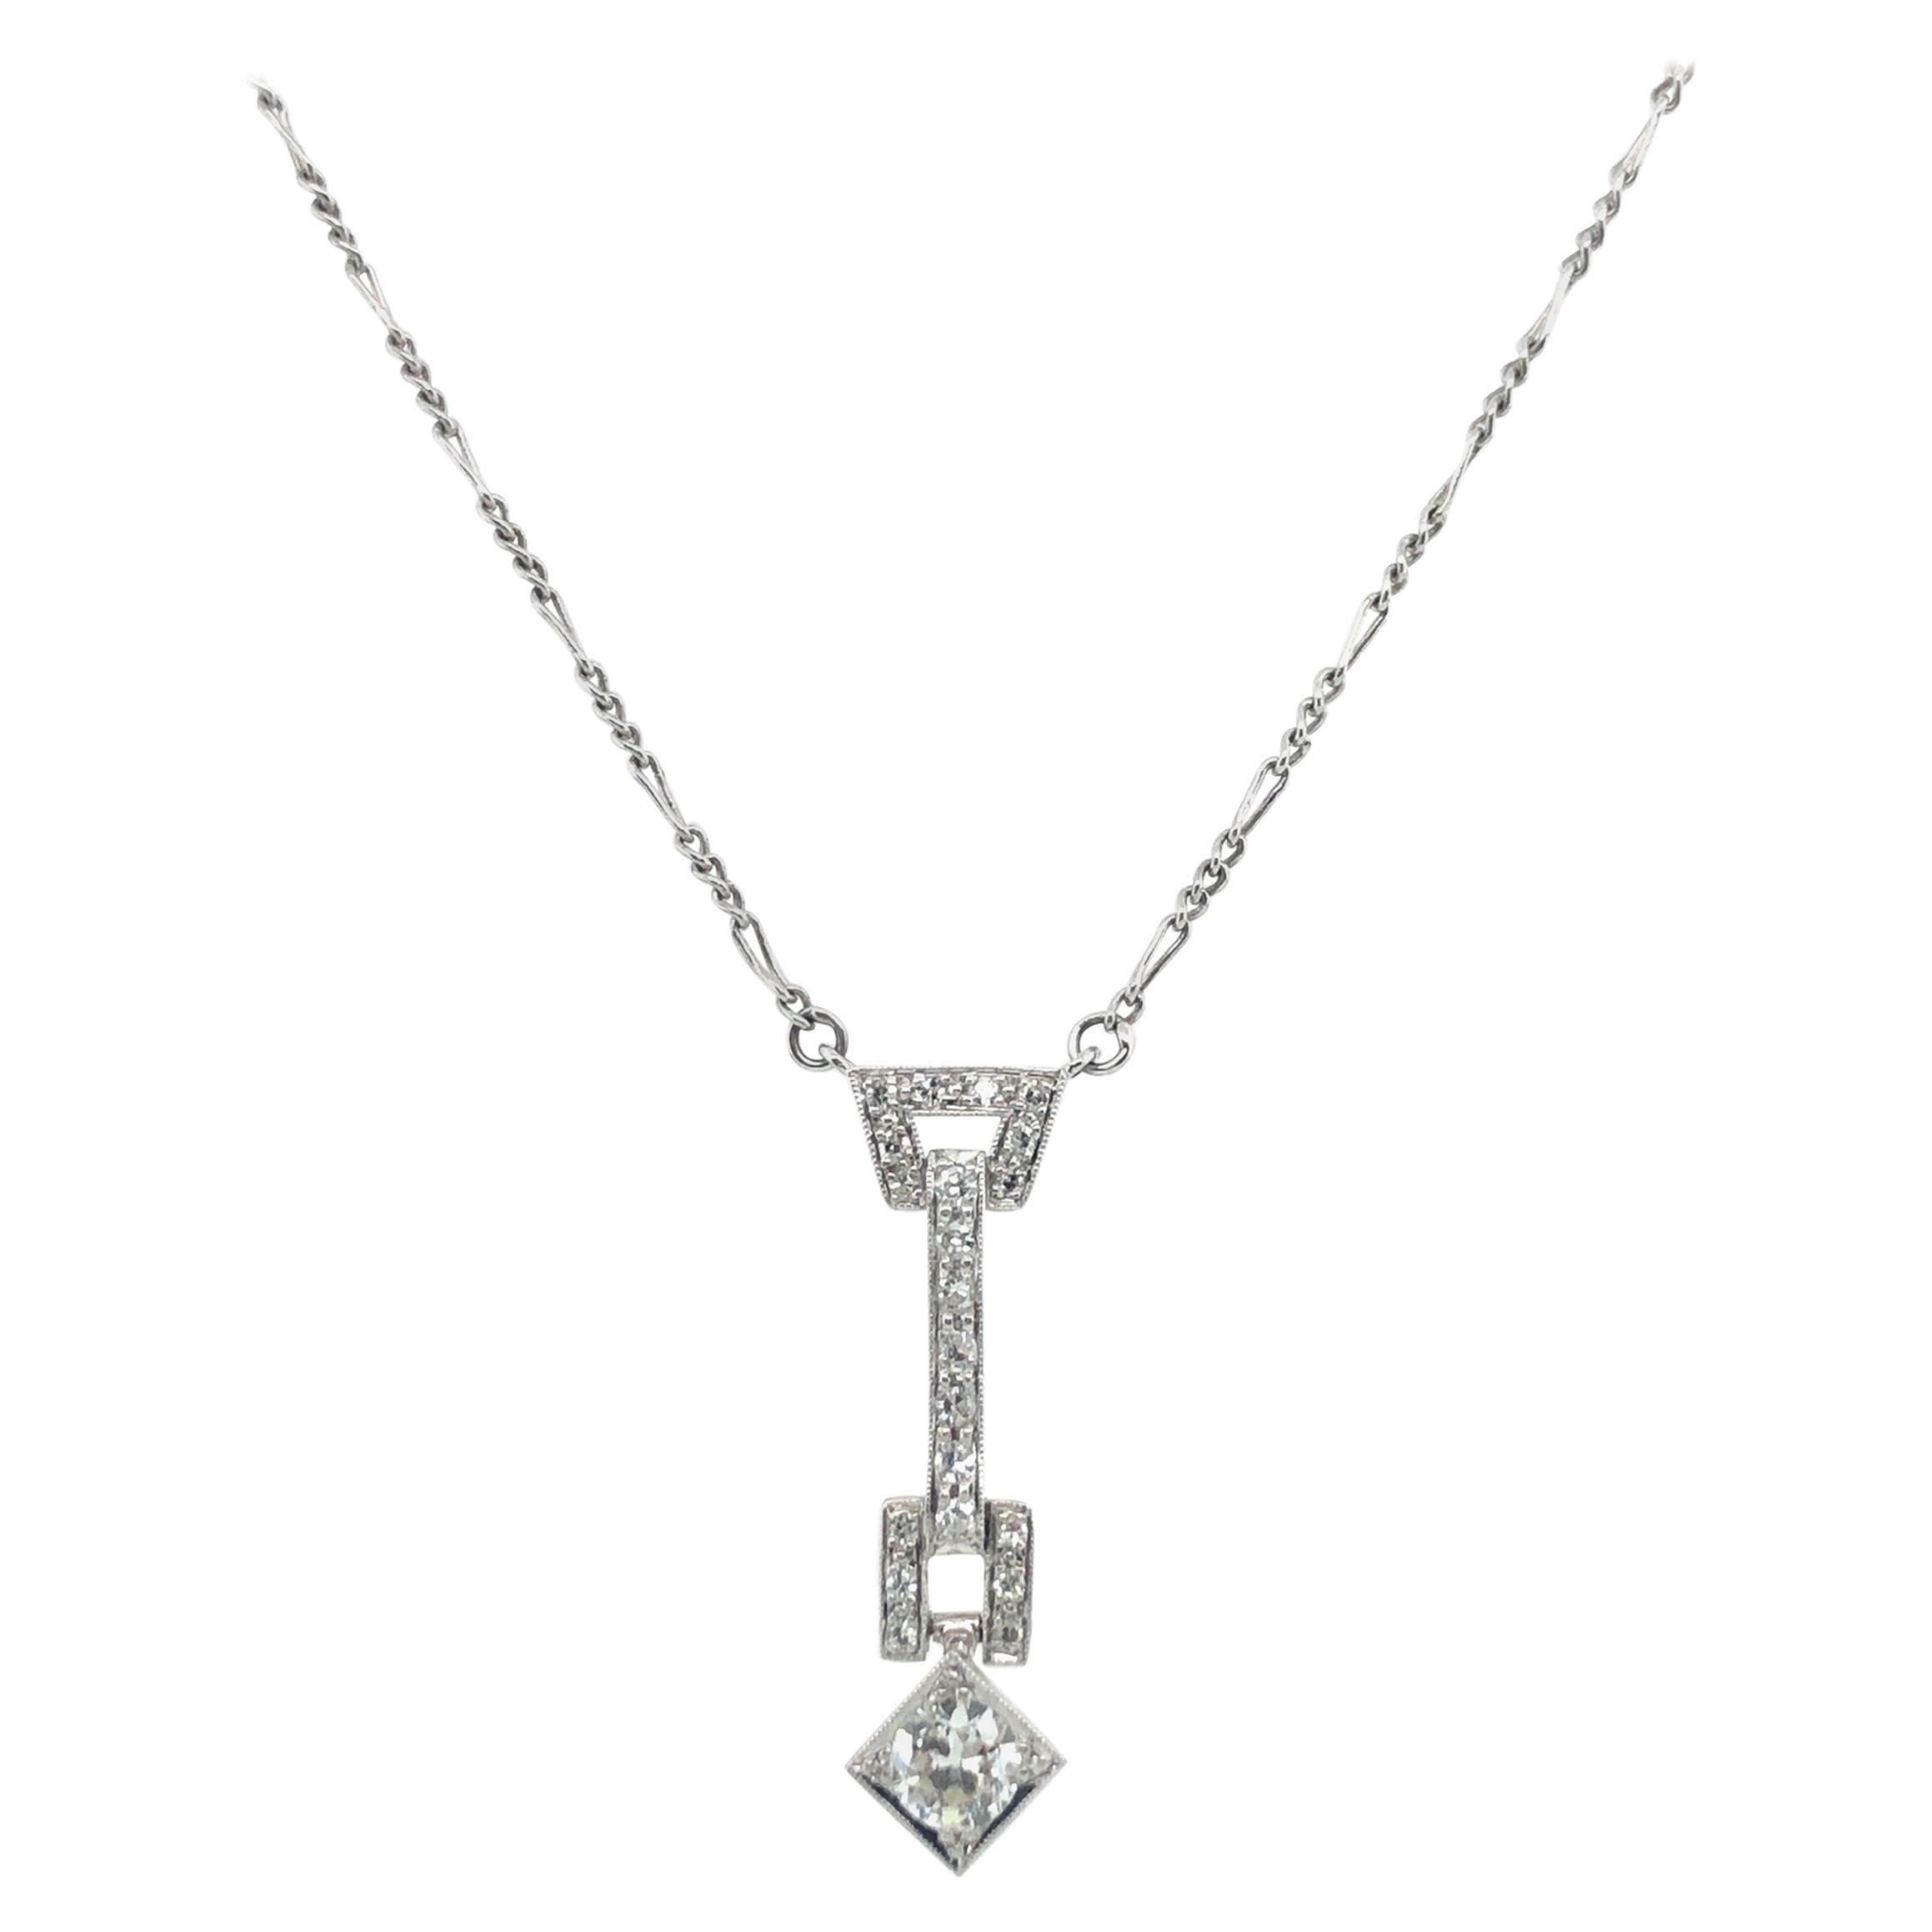 Art Deco Diamond Pendant Necklace in Platinum 950